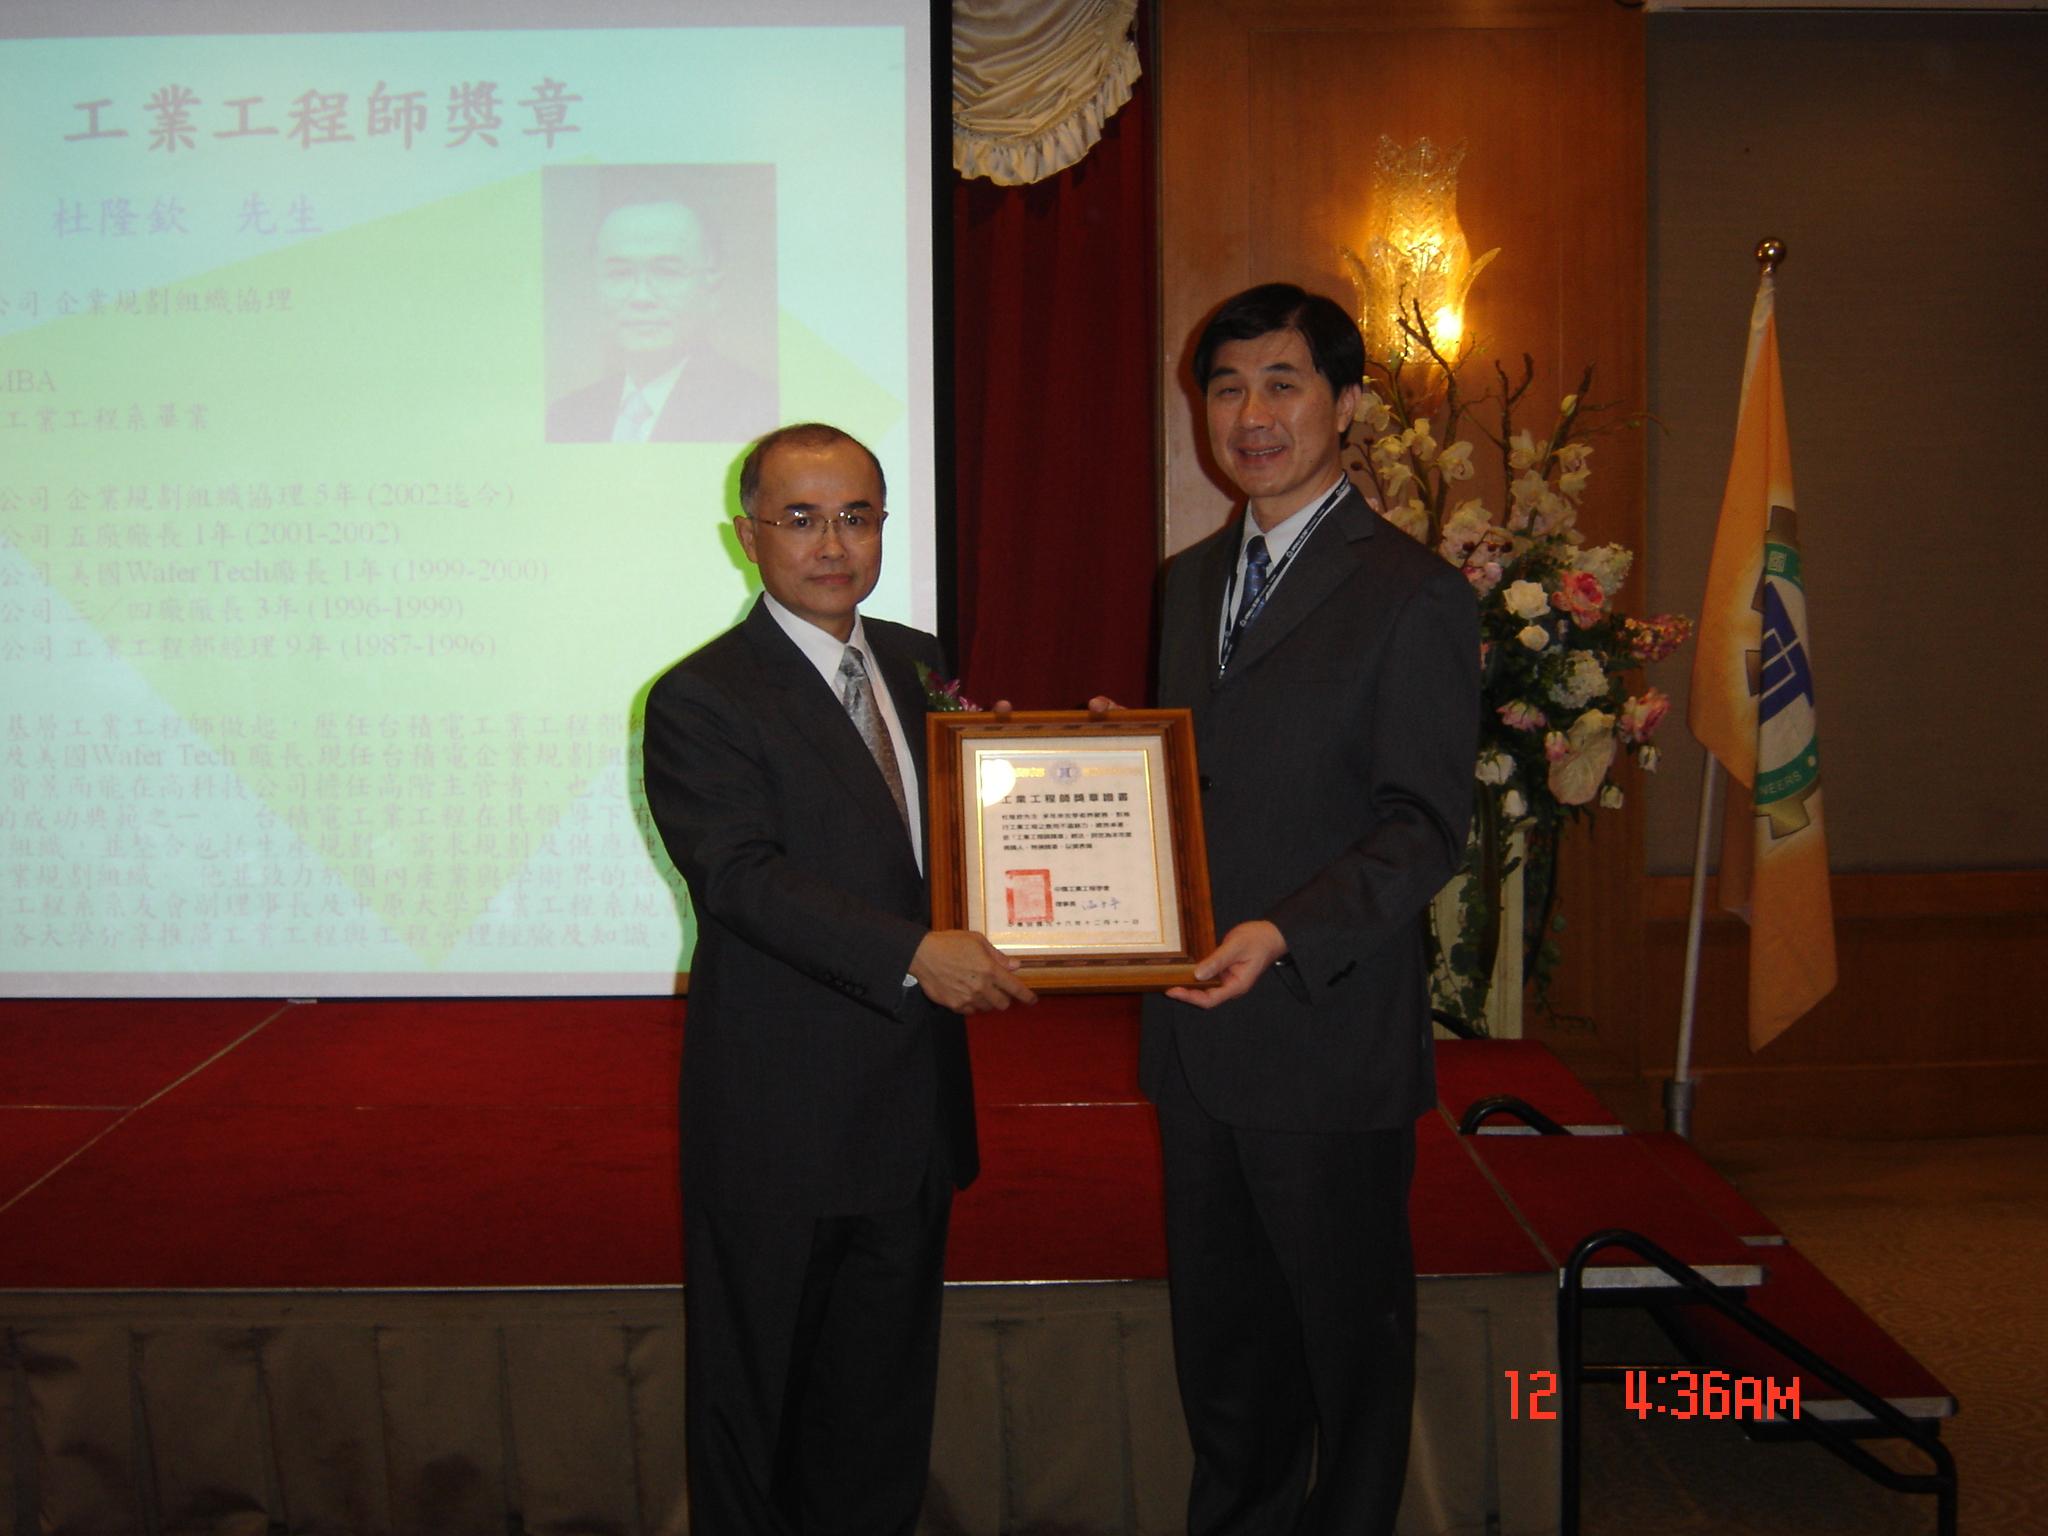 工業系杜隆欽校友 獲頒2007工業工程獎章